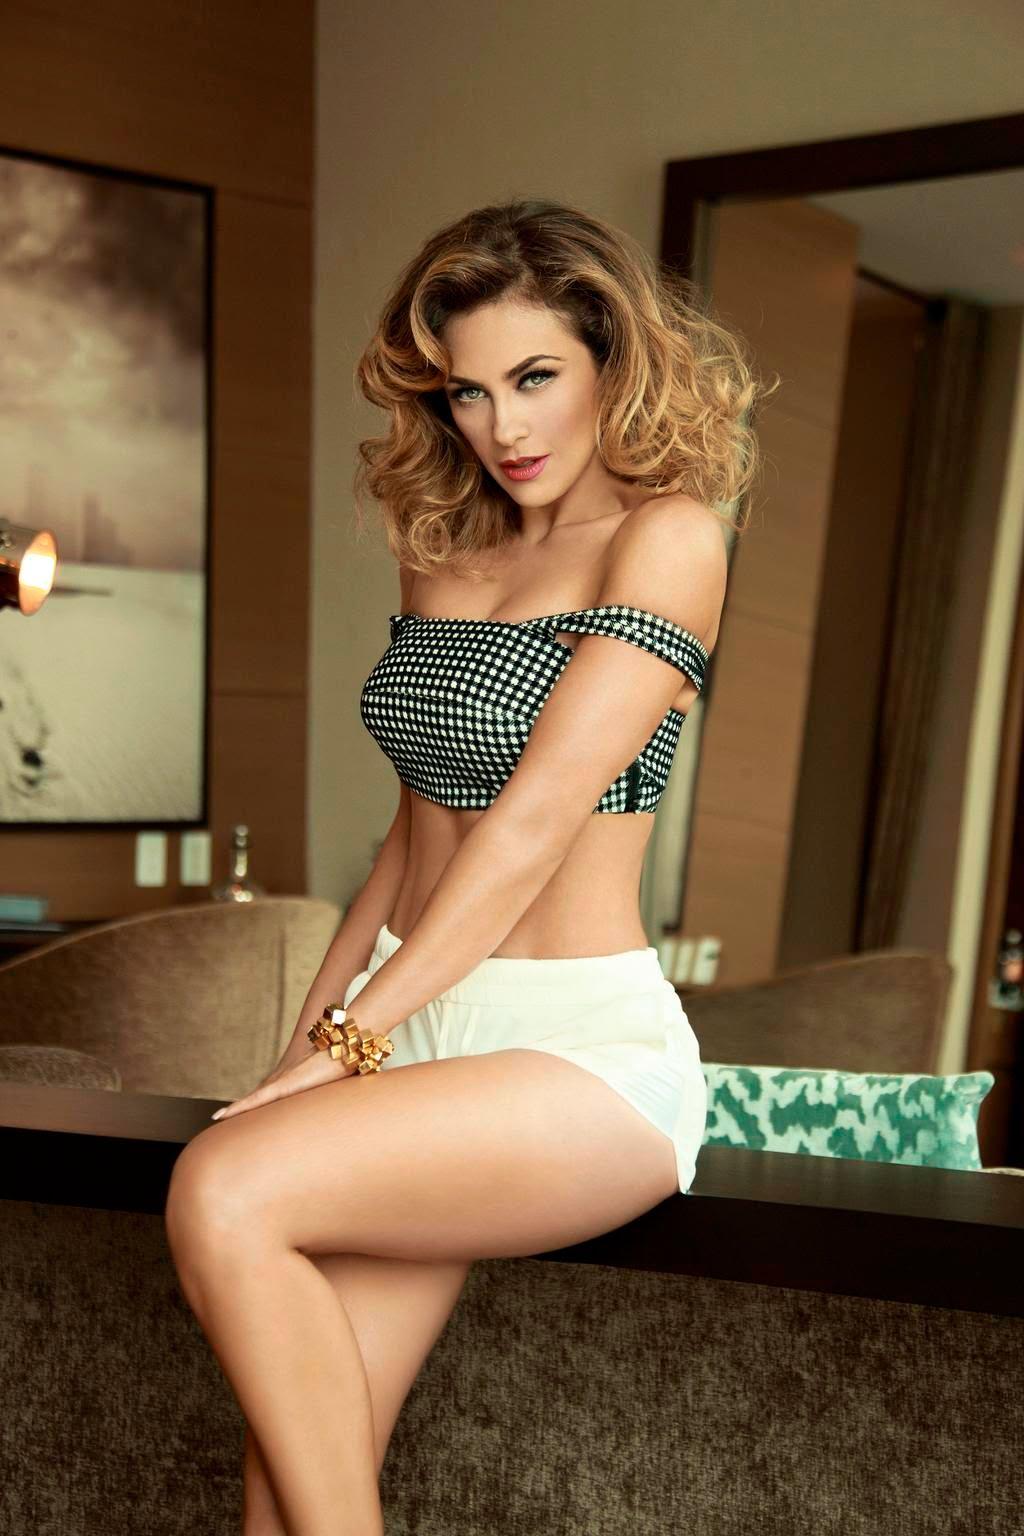 hot mexican women stars